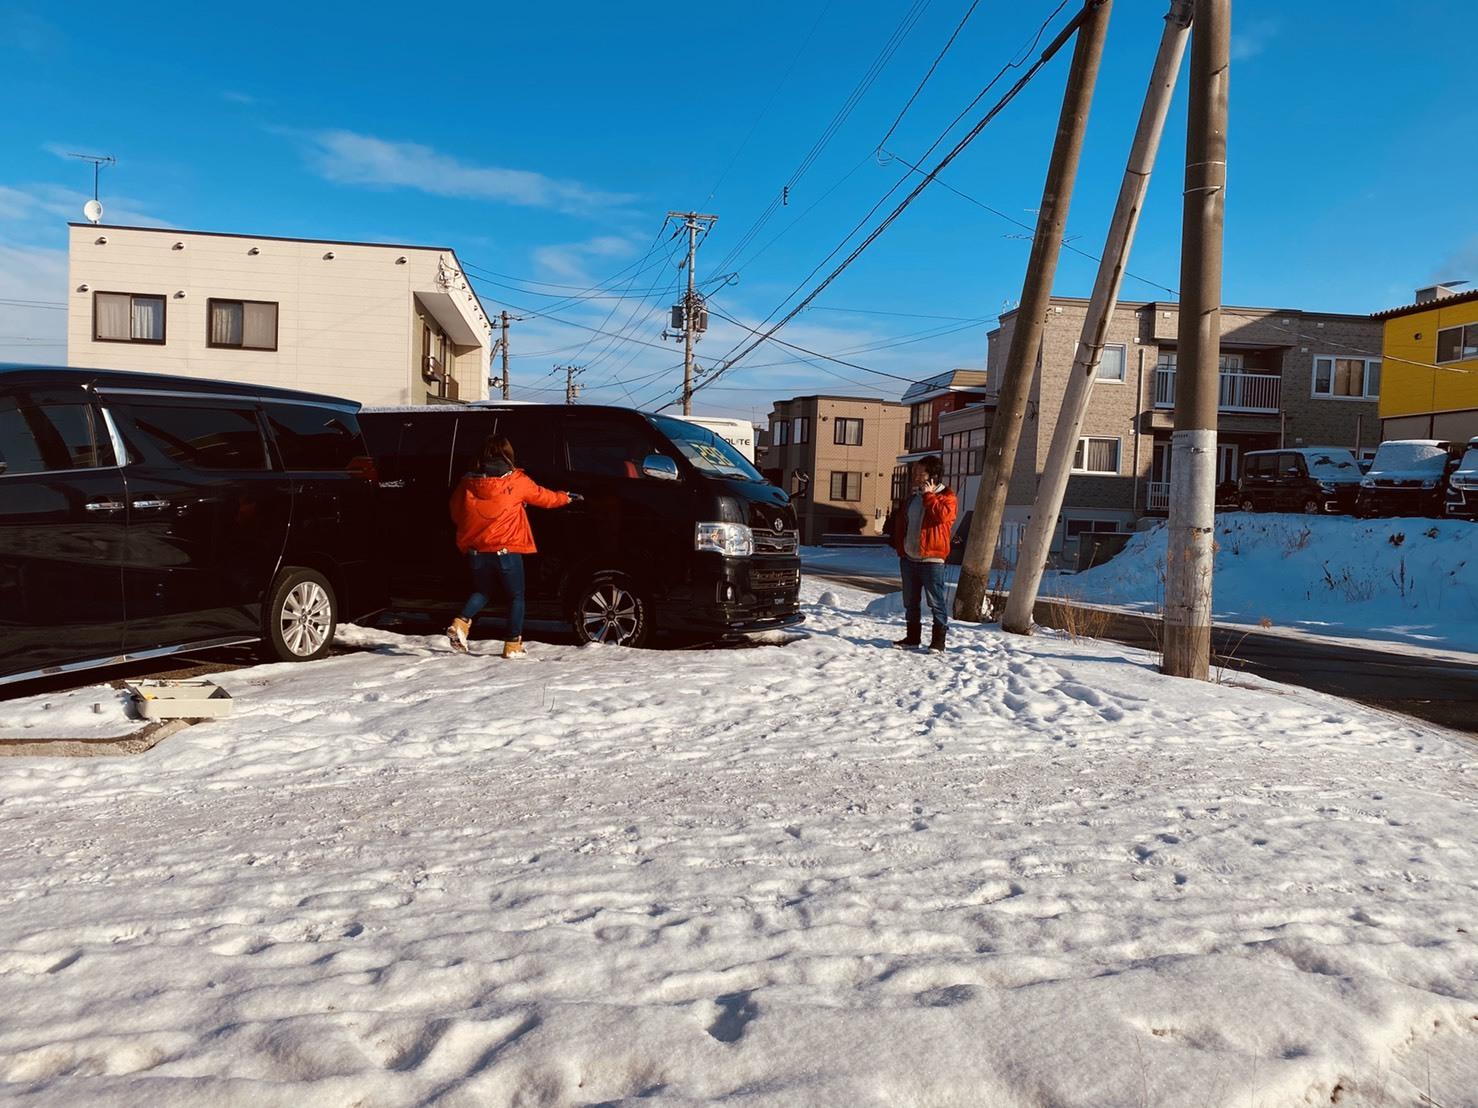 1月15日(水)本店ブログ★ワンオーナーのプラドあります💛エスカレード・ハマー・ランクル_b0127002_18134599.jpg